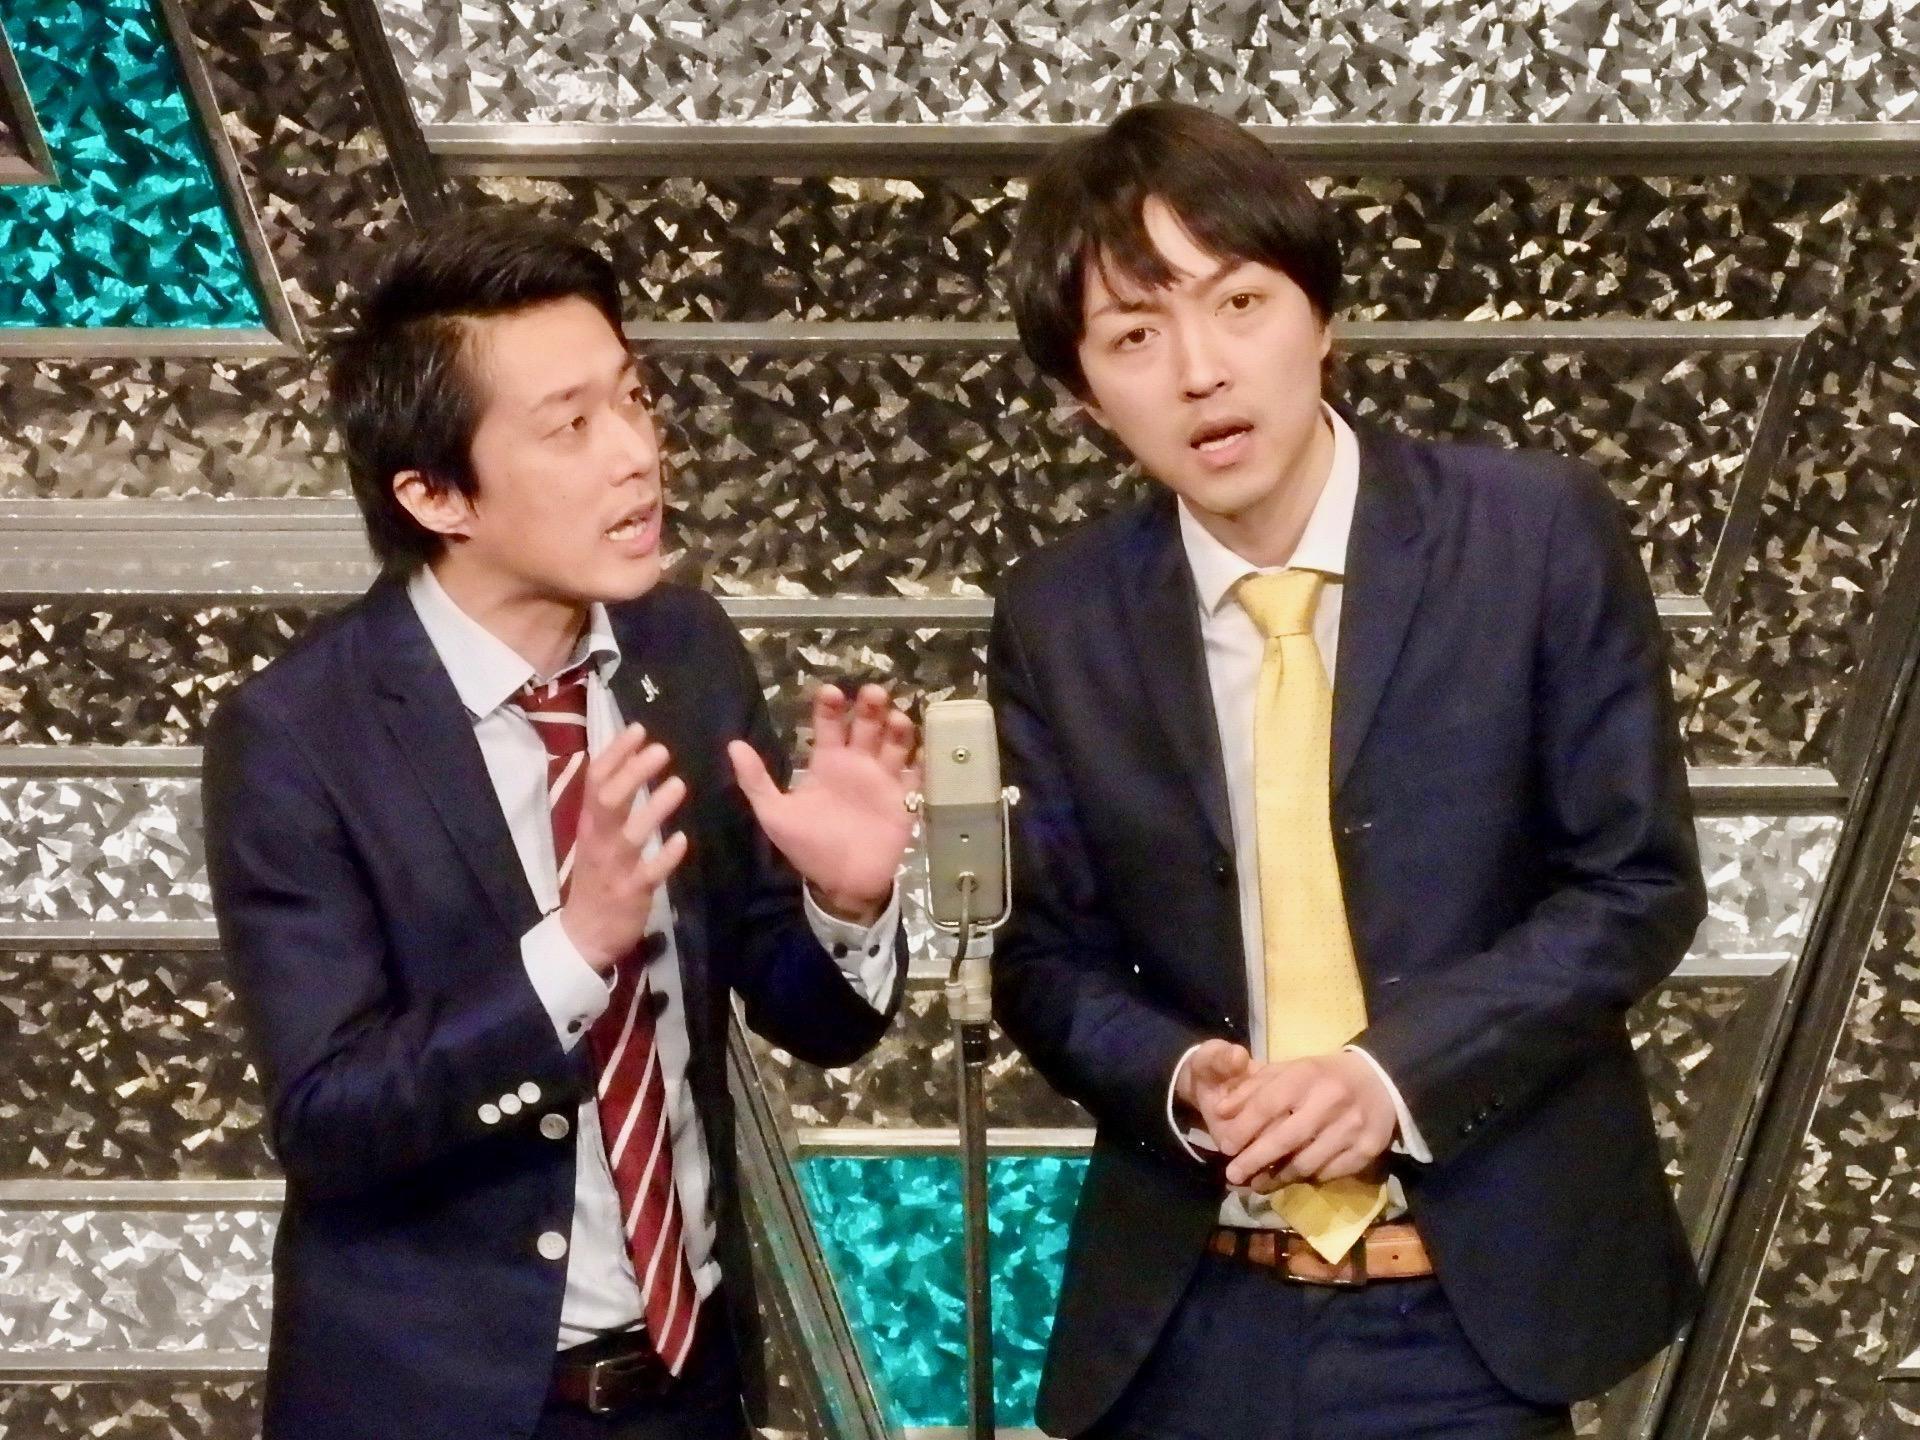 http://news.yoshimoto.co.jp/20180312200324-88ad340ec0a6ac569650e9f6676d0f42ed549fb9.jpg